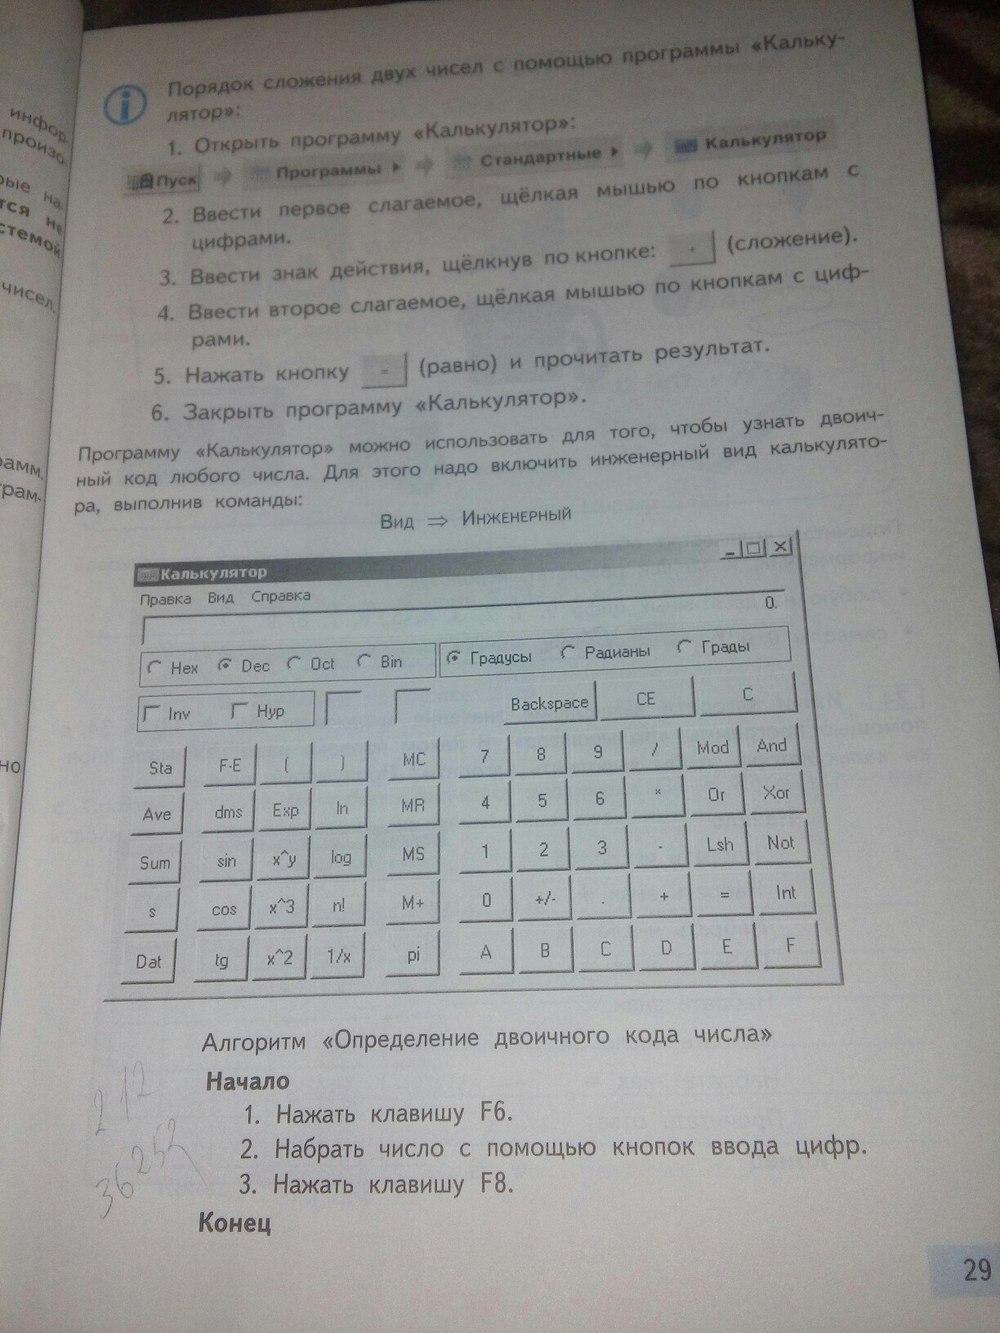 гдз по информатике 3 класс рабочая тетрадь бененсон